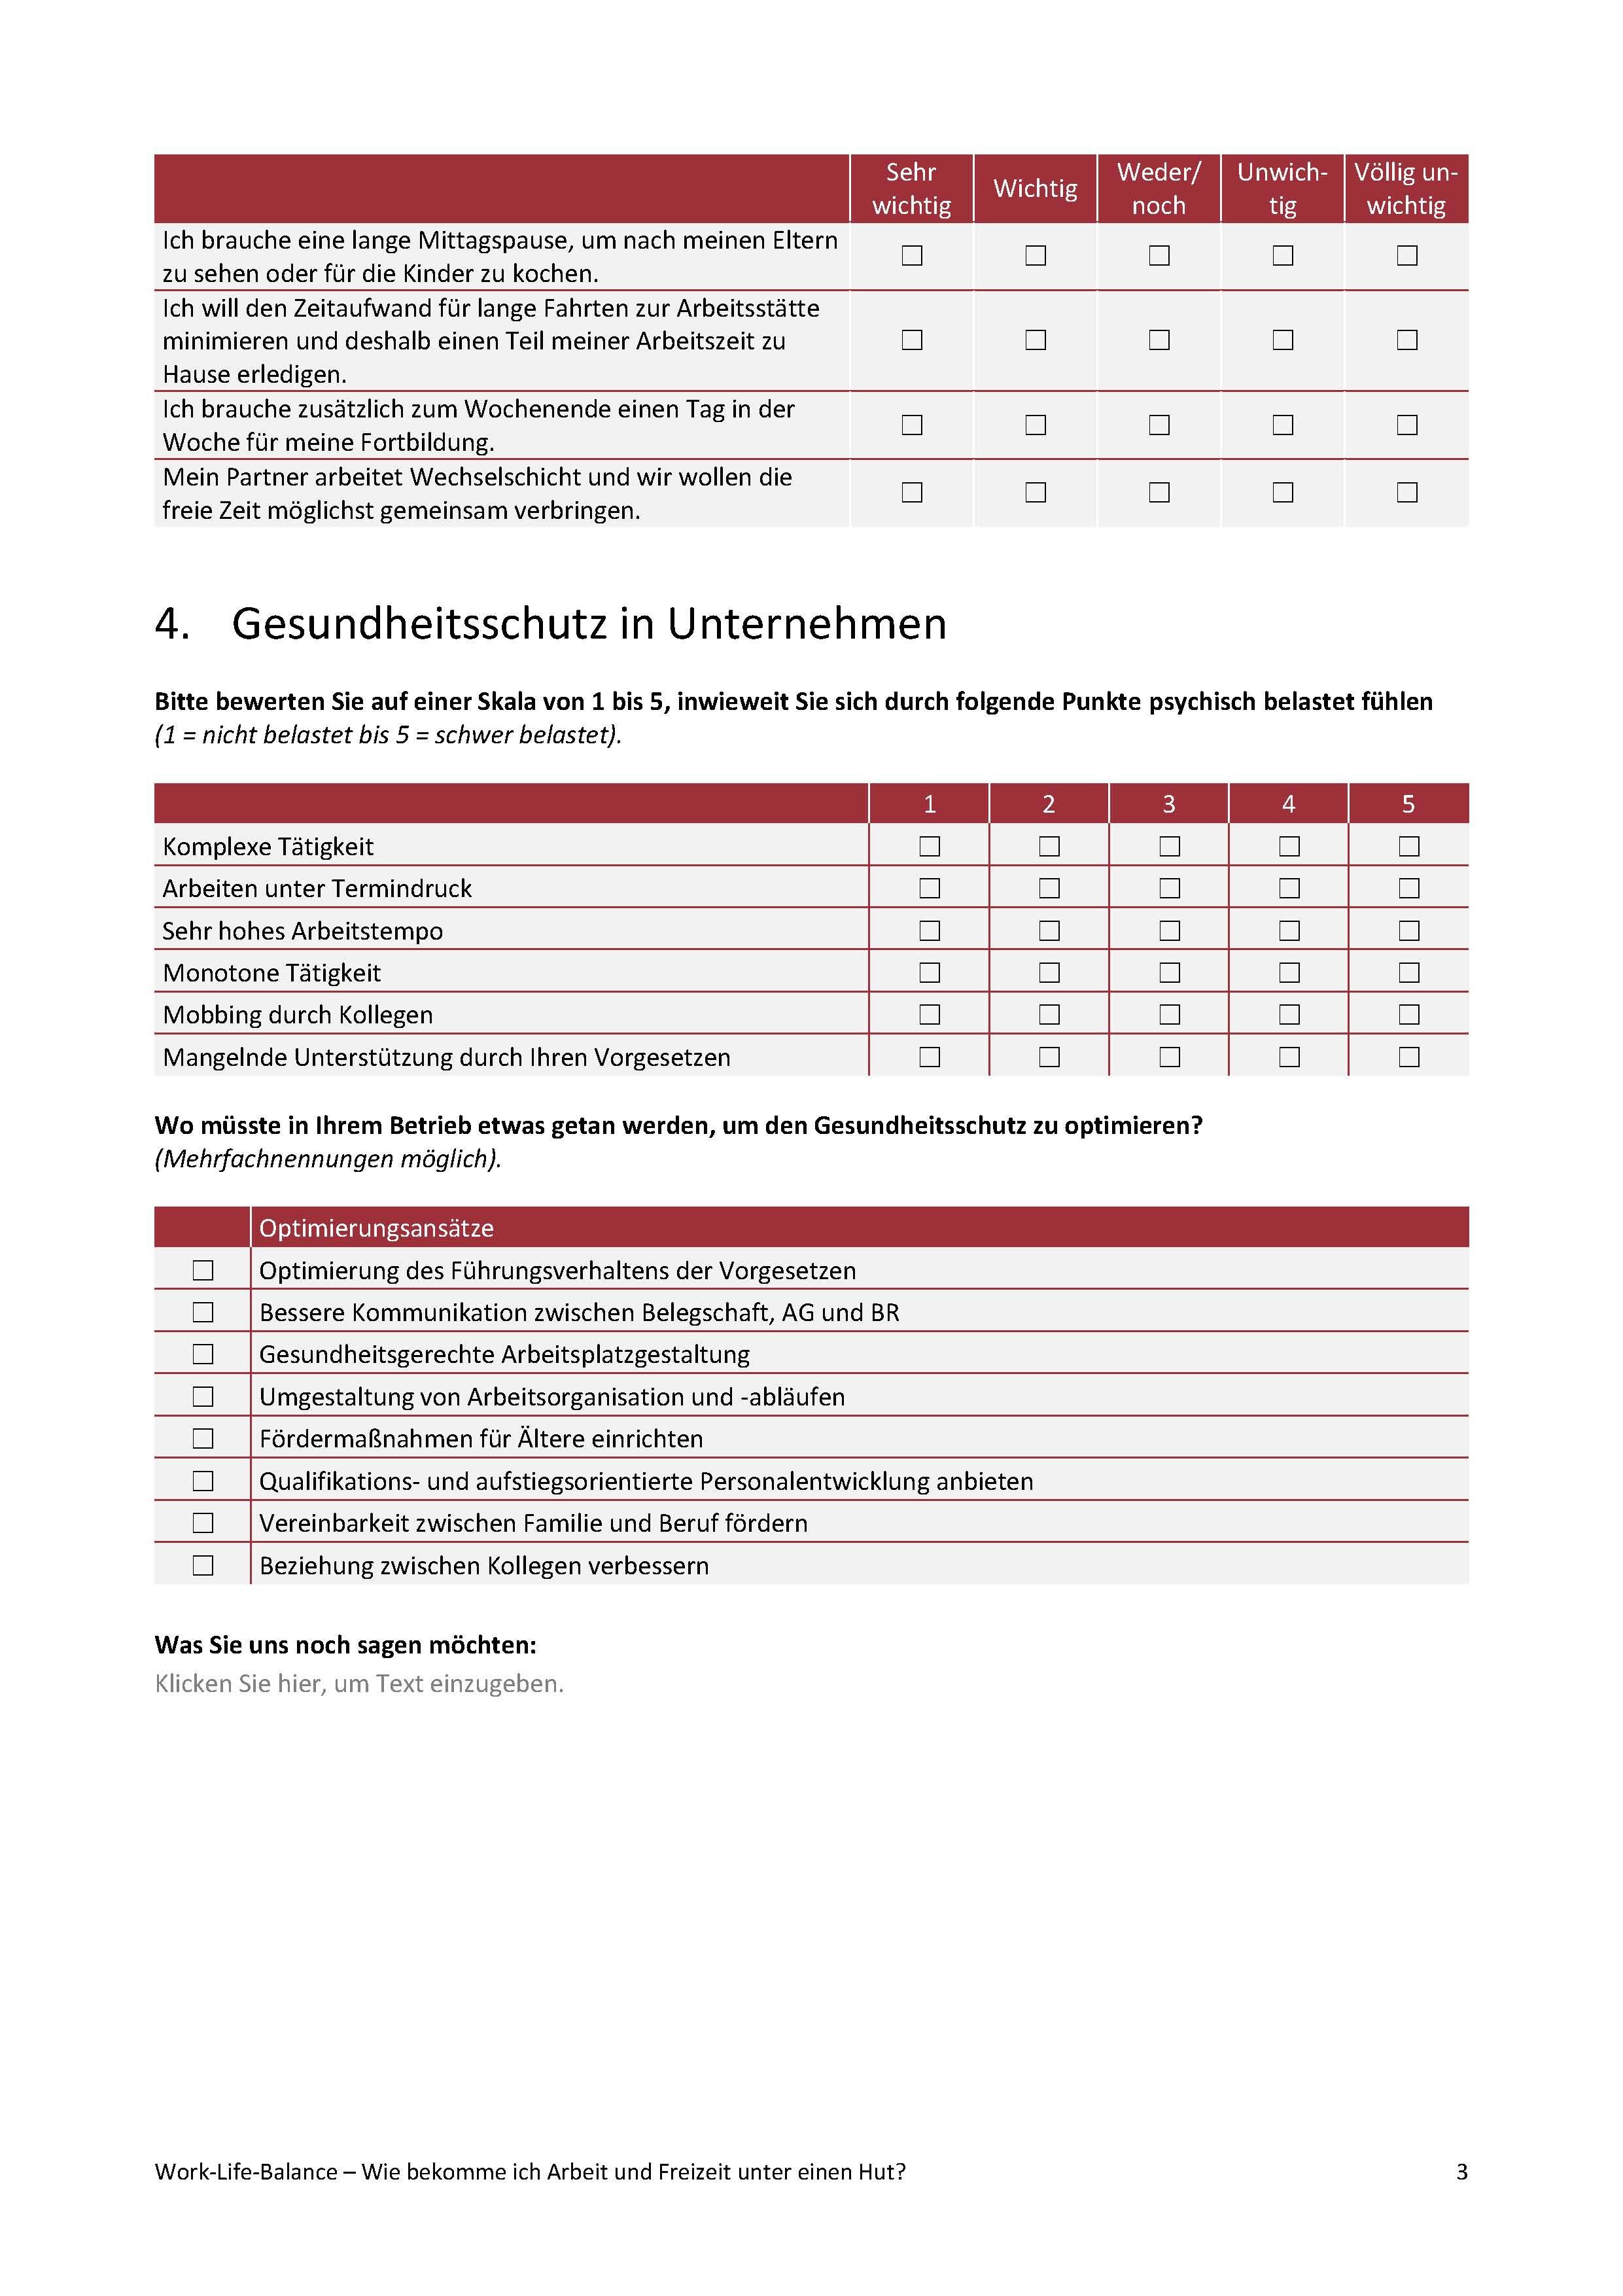 Schön Freie Umfrage Vorlagen Fotos - Bilder für das Lebenslauf ...